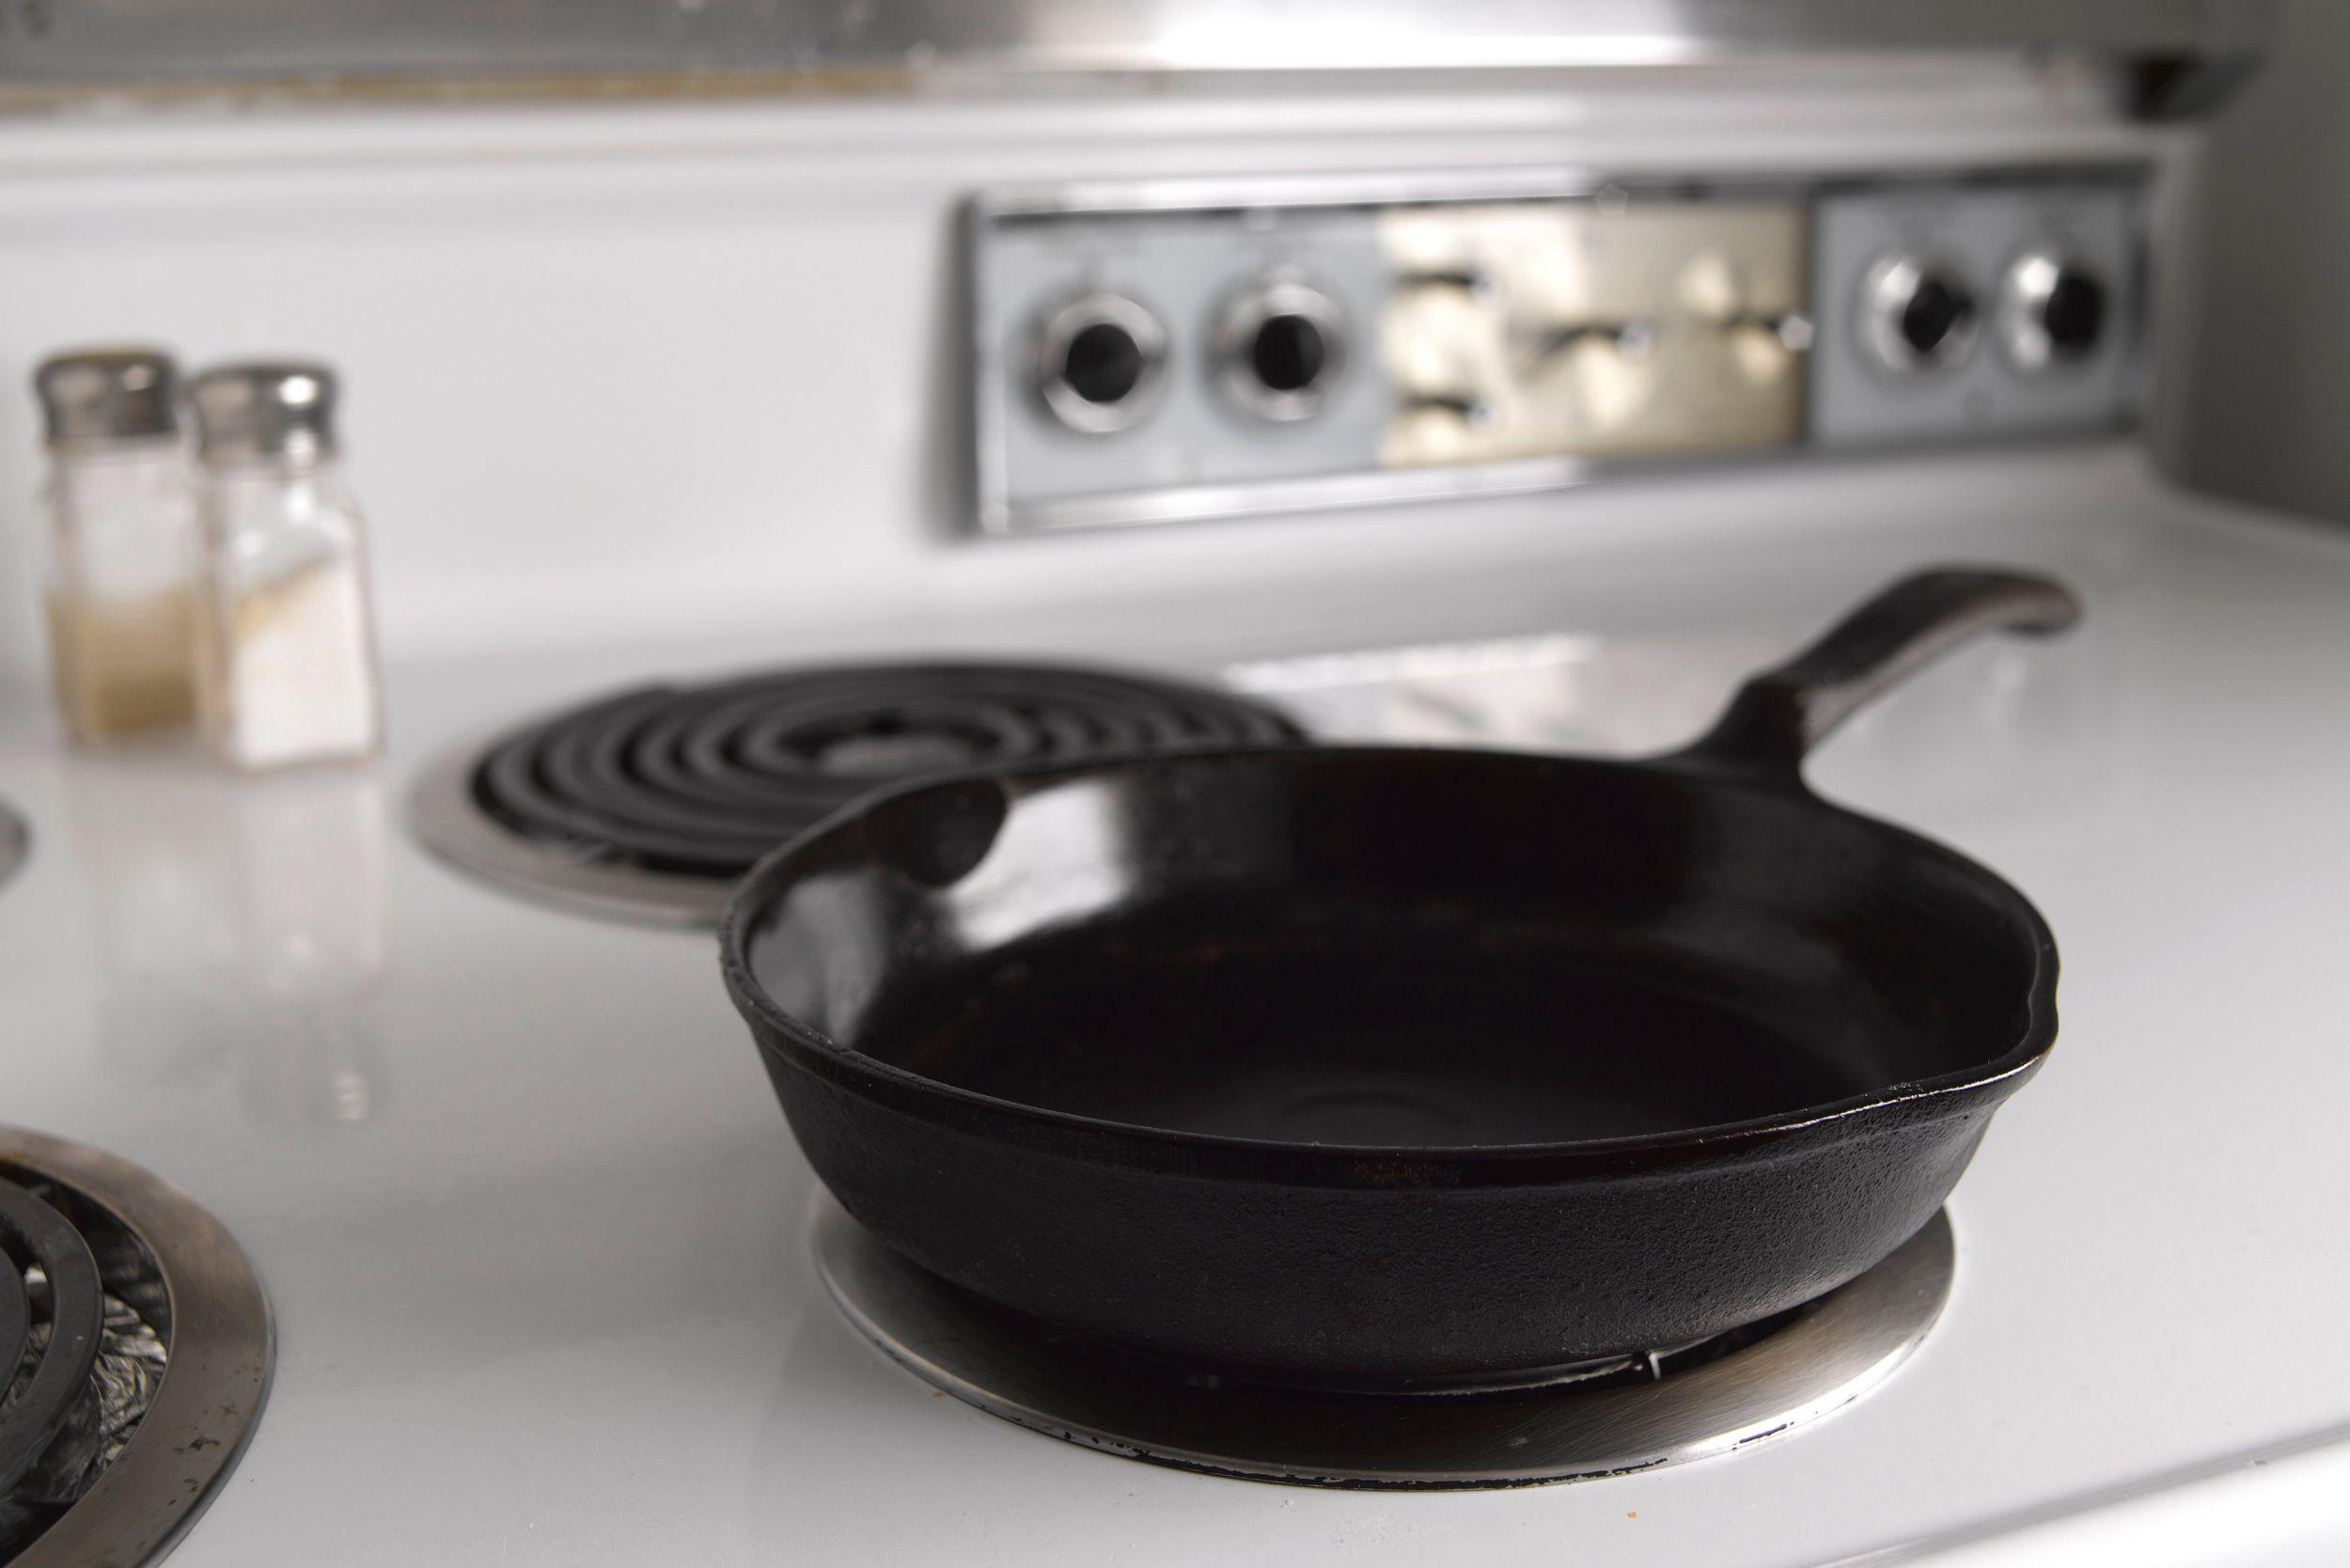 чугунная сковорода на плите